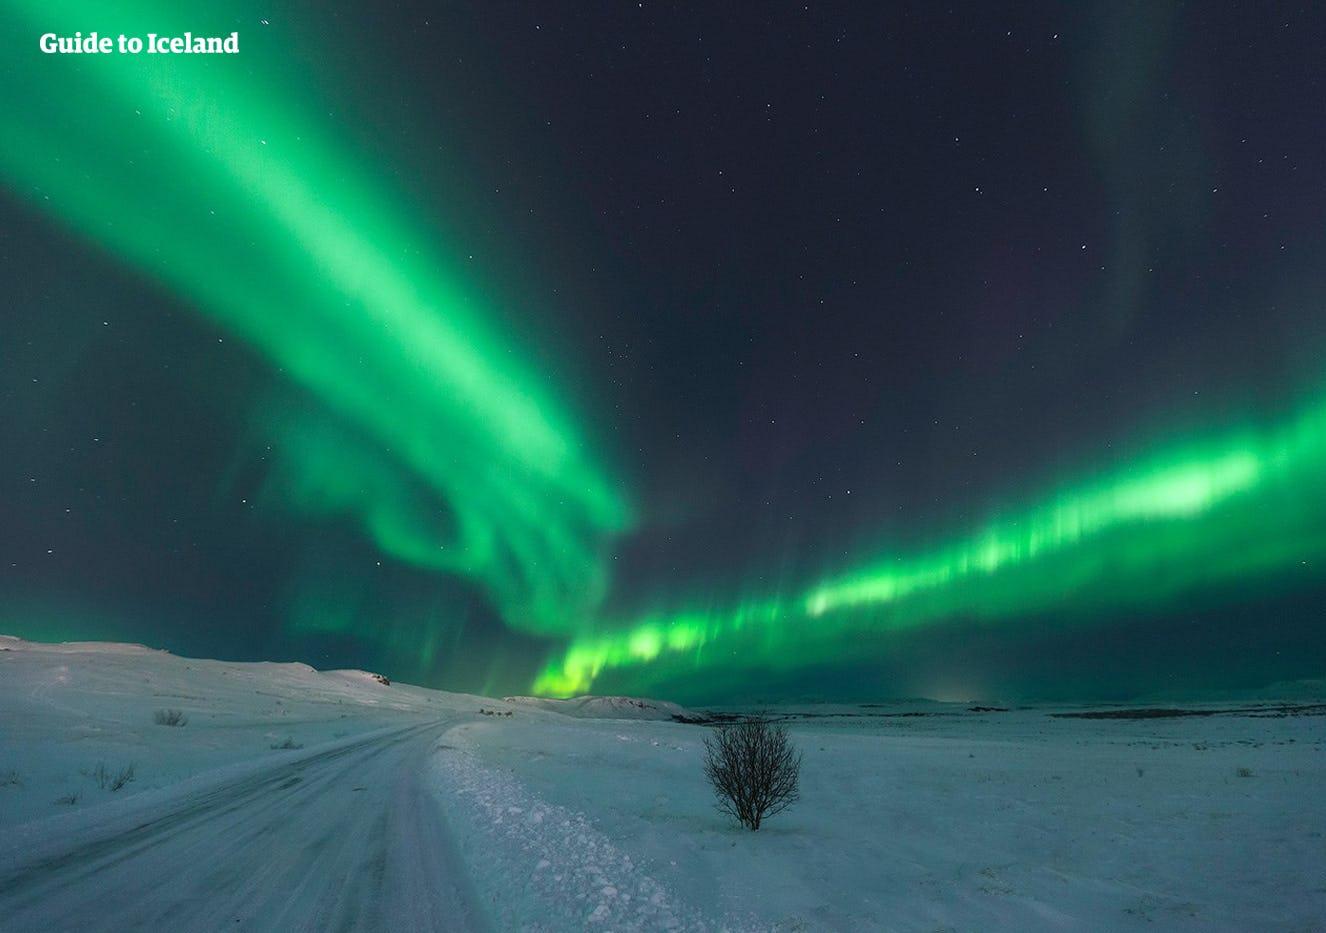 Eine Mietwagenreise gibt dir die Möglichkeit, in Eigenregie noch den Nordlichtern zu suchen.